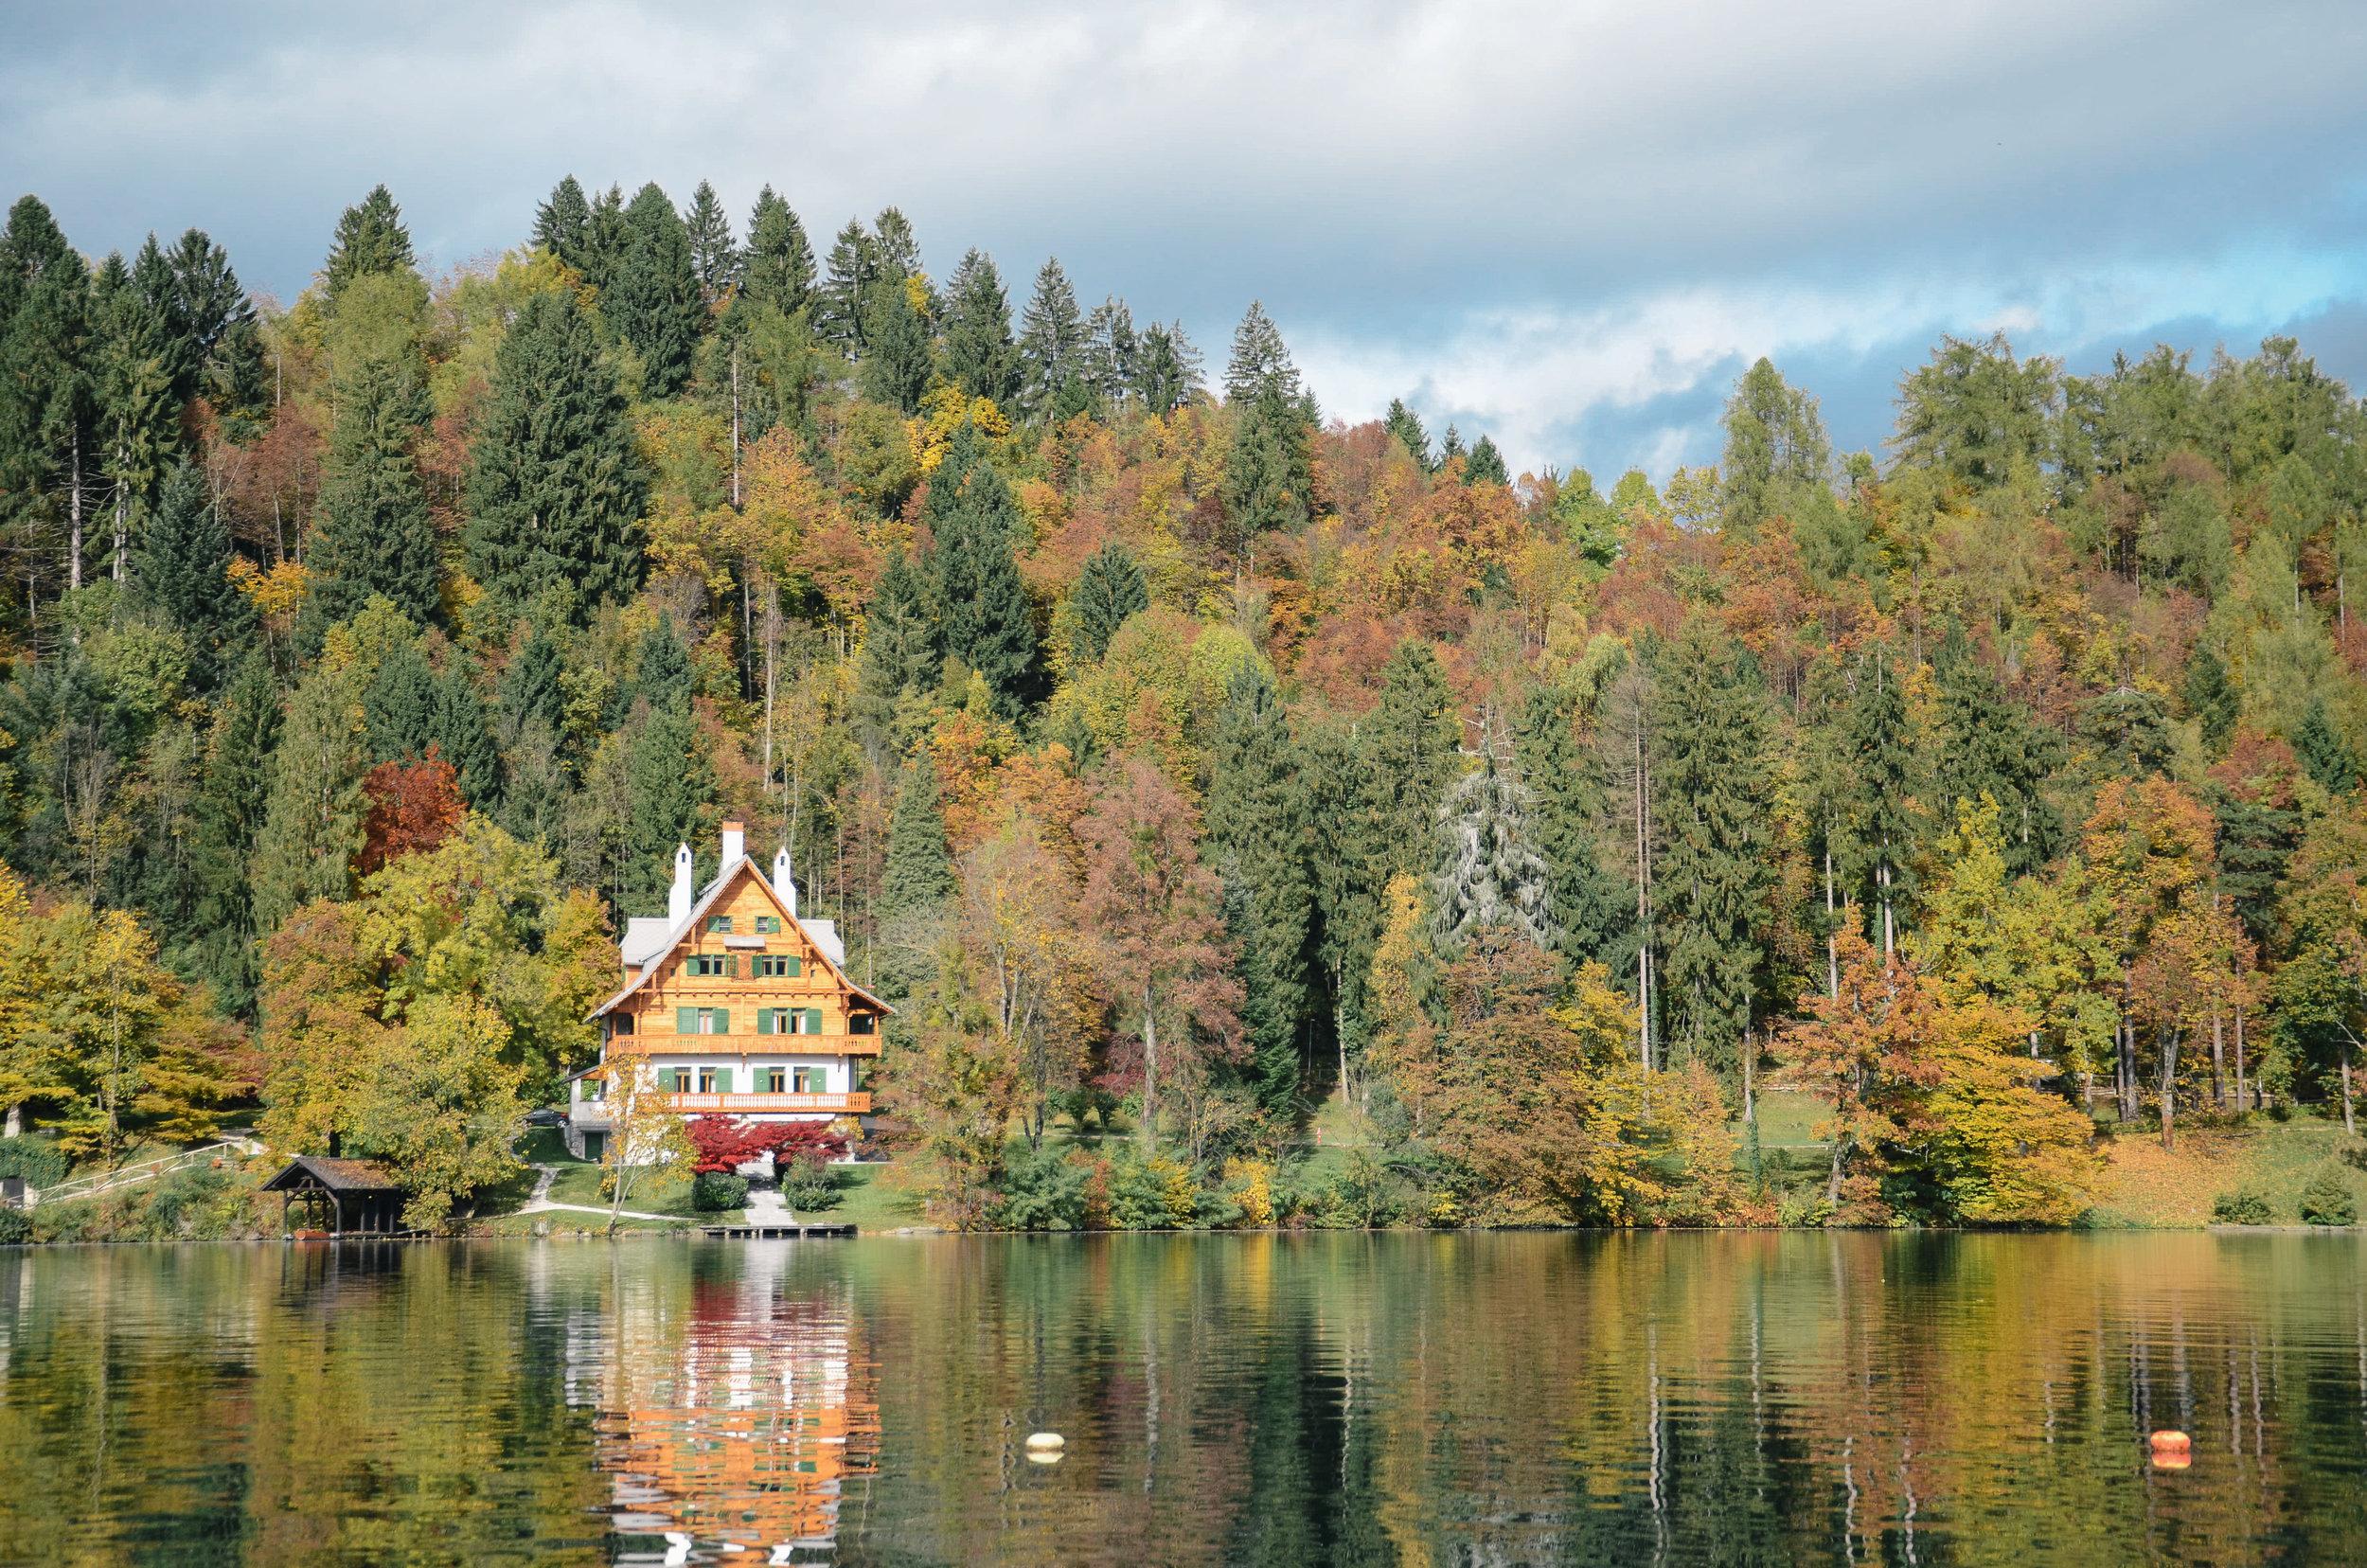 lake-bled-slovenia-travel-guide-lifeonpine_DSC_1719.jpg